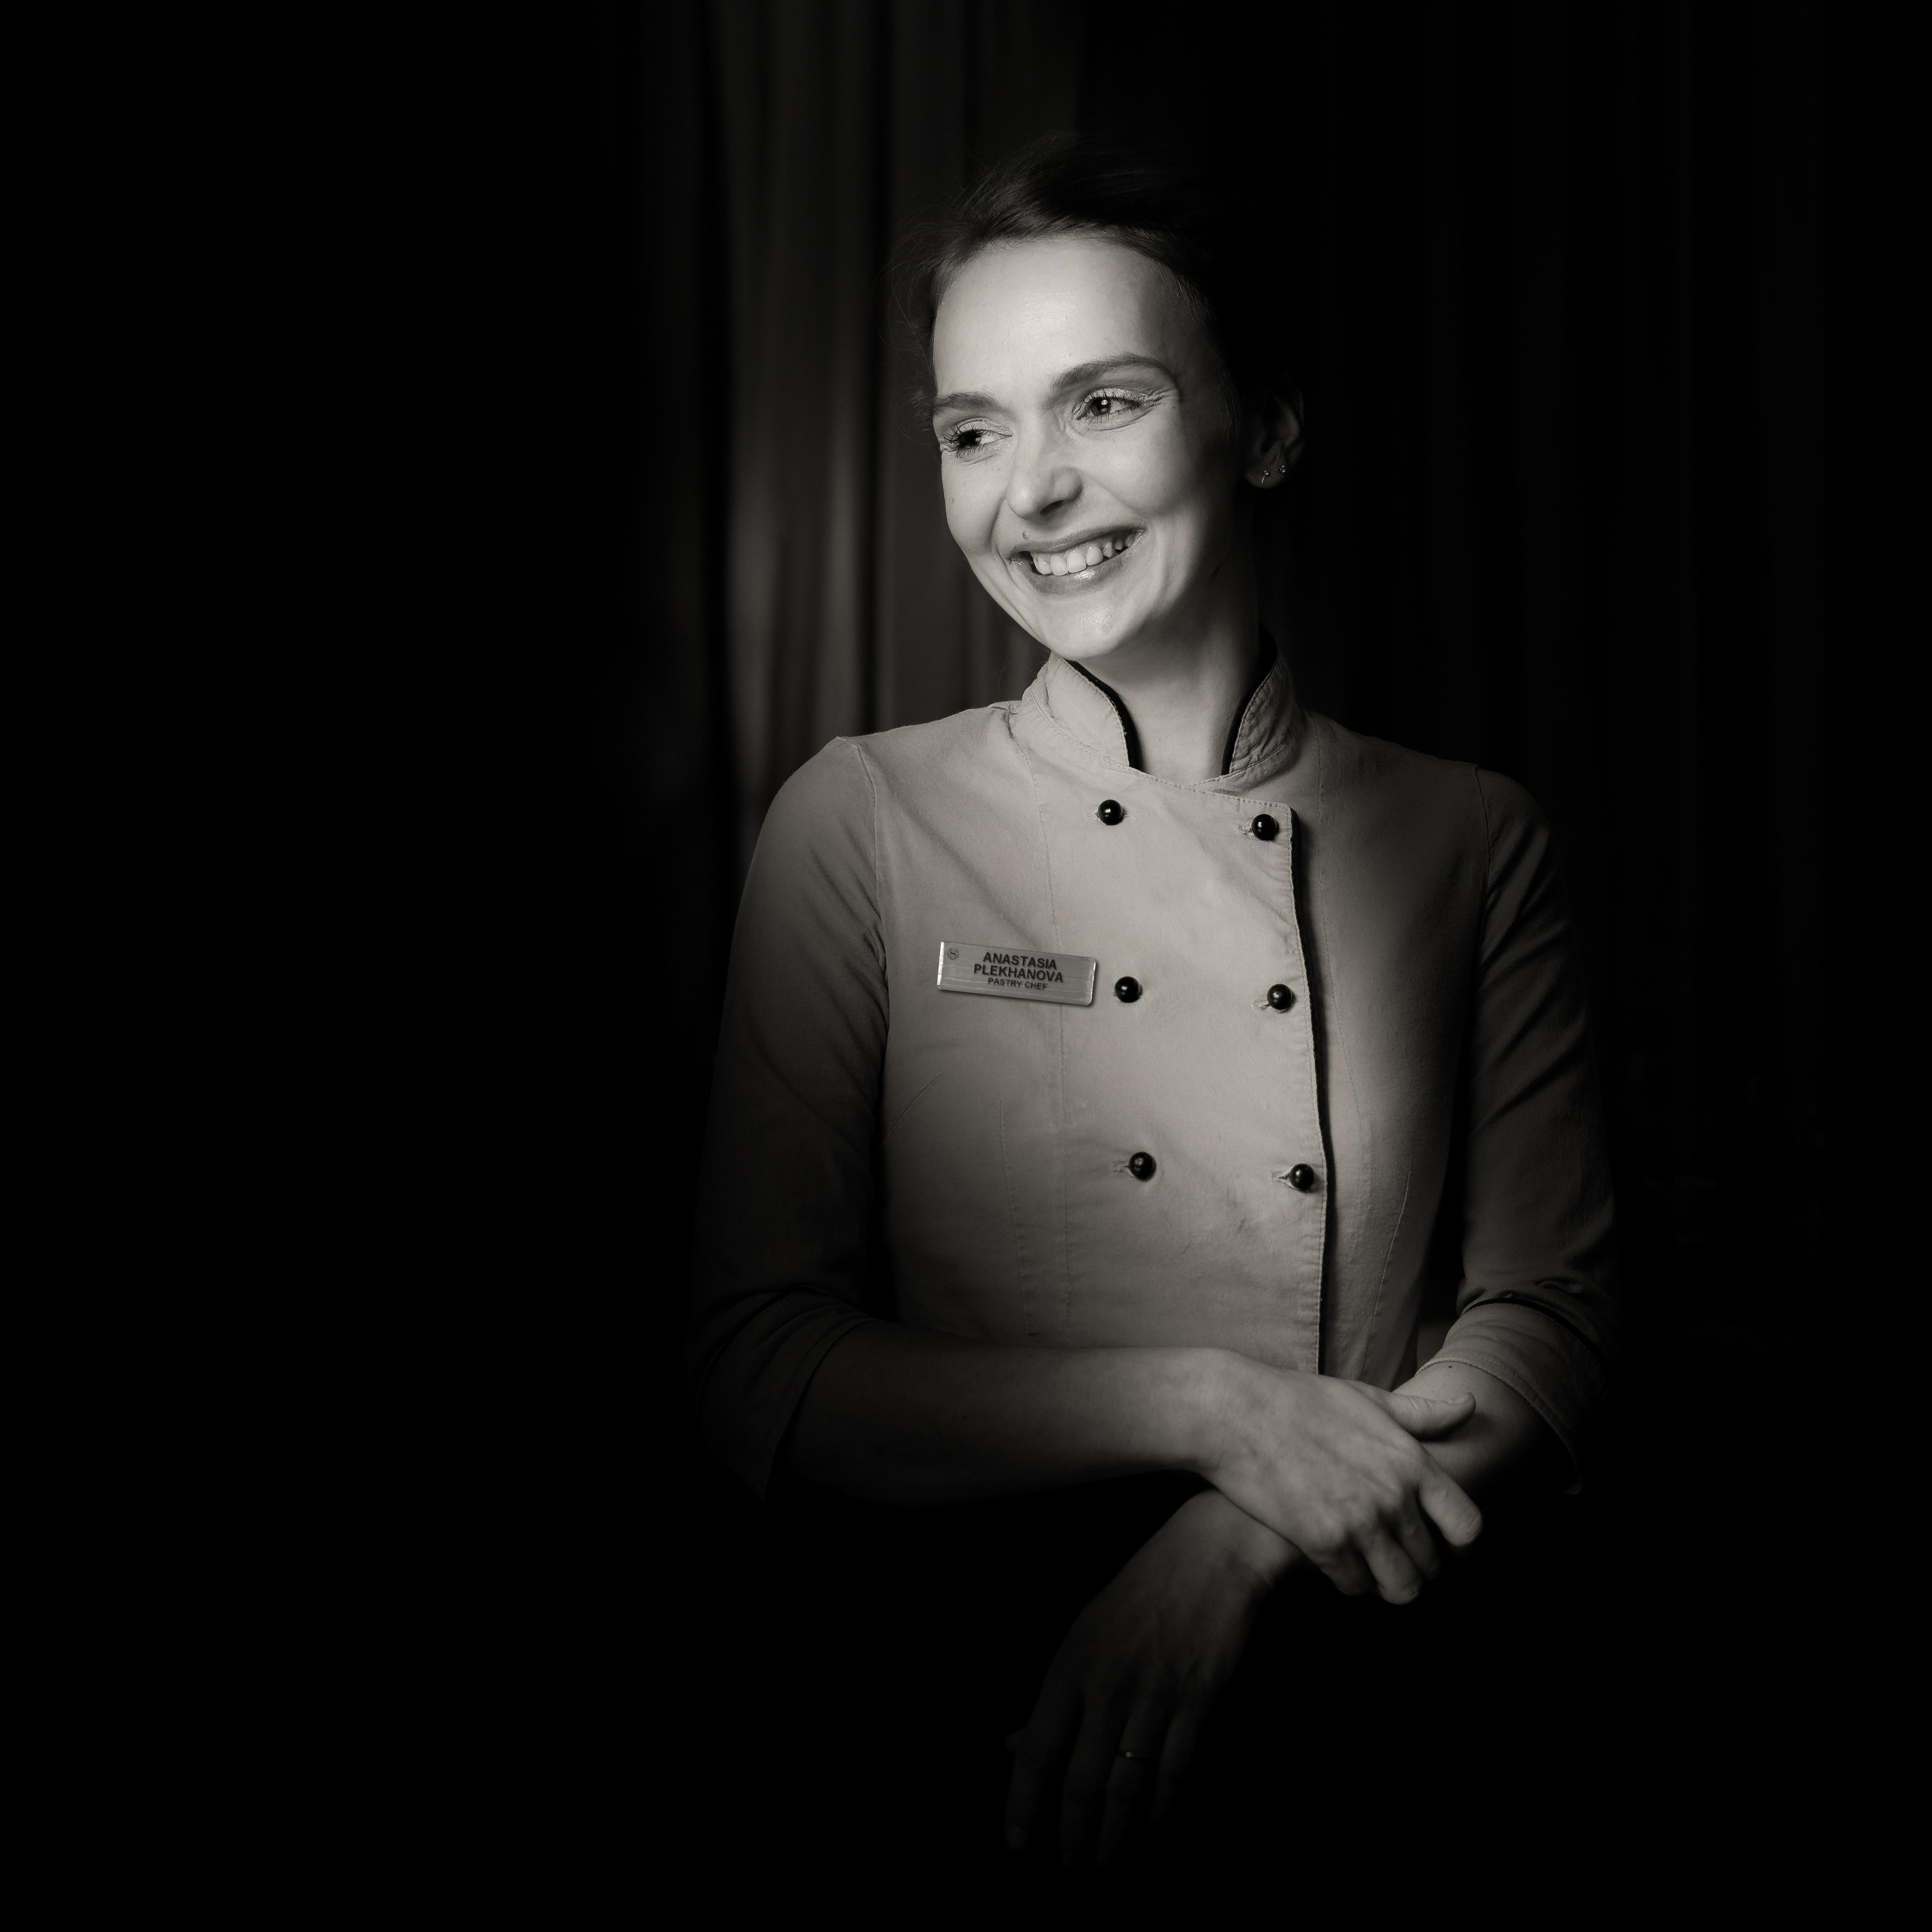 Anastasia Pastry Chef